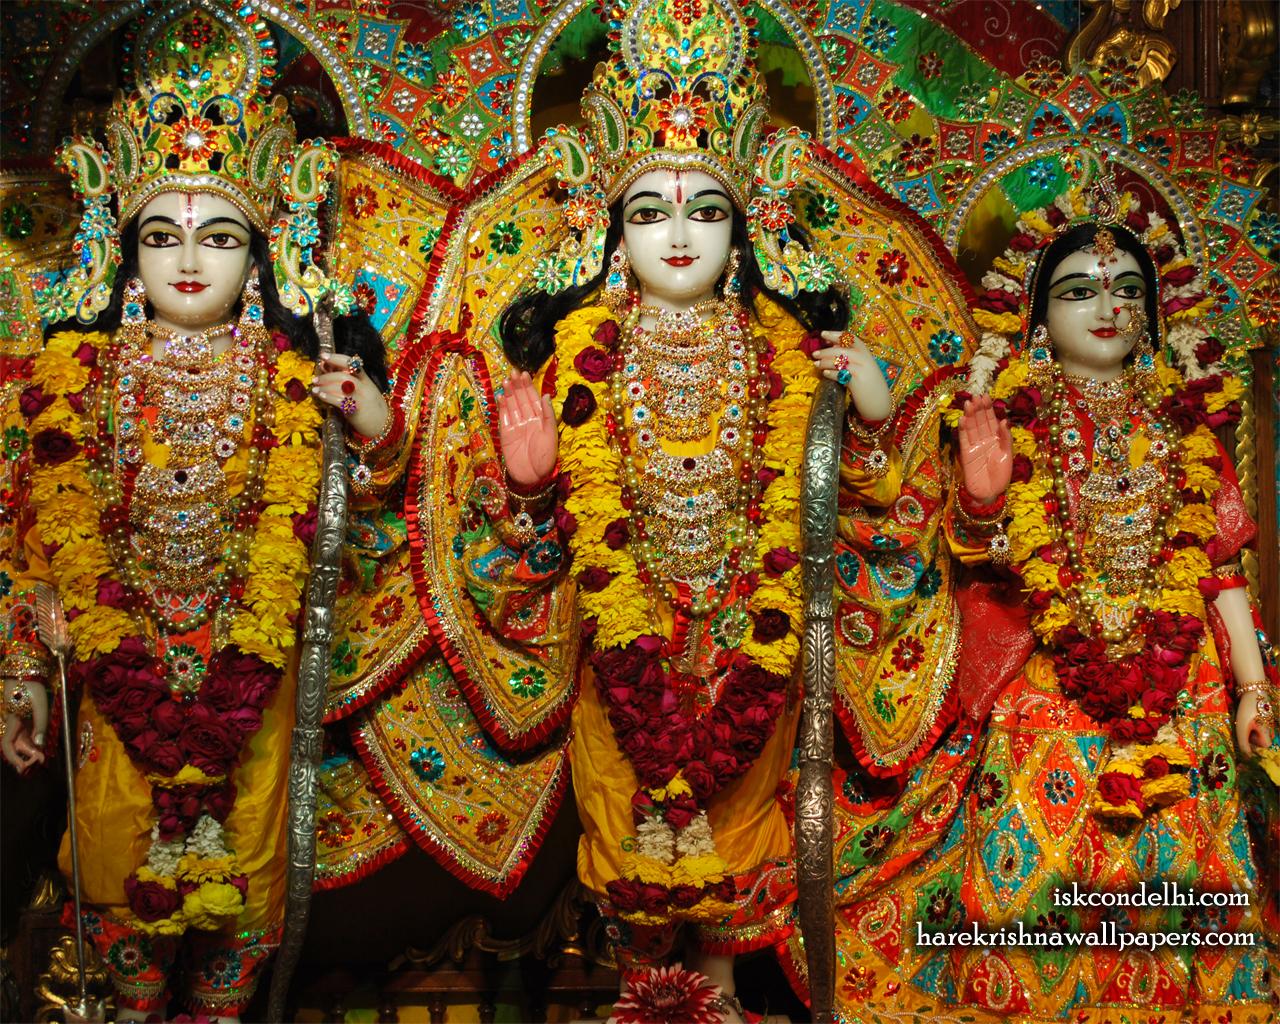 Sri Sri Sita Rama Laxman Wallpaper (004) Size 1280x1024 Download